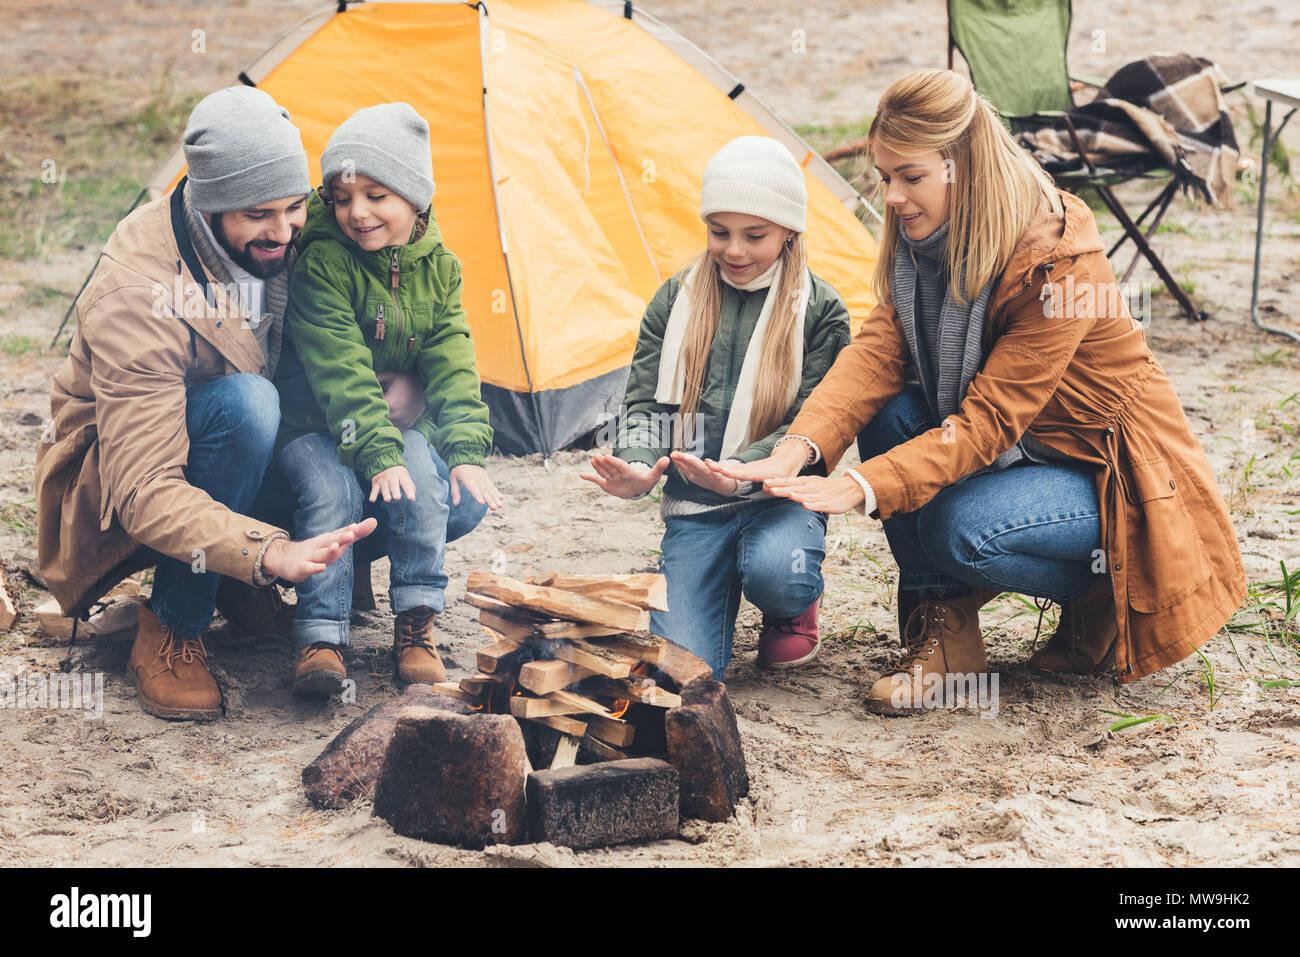 Familie Erwärmung mit Lagerfeuer, während Trip auf Herbst Tag Stockbild